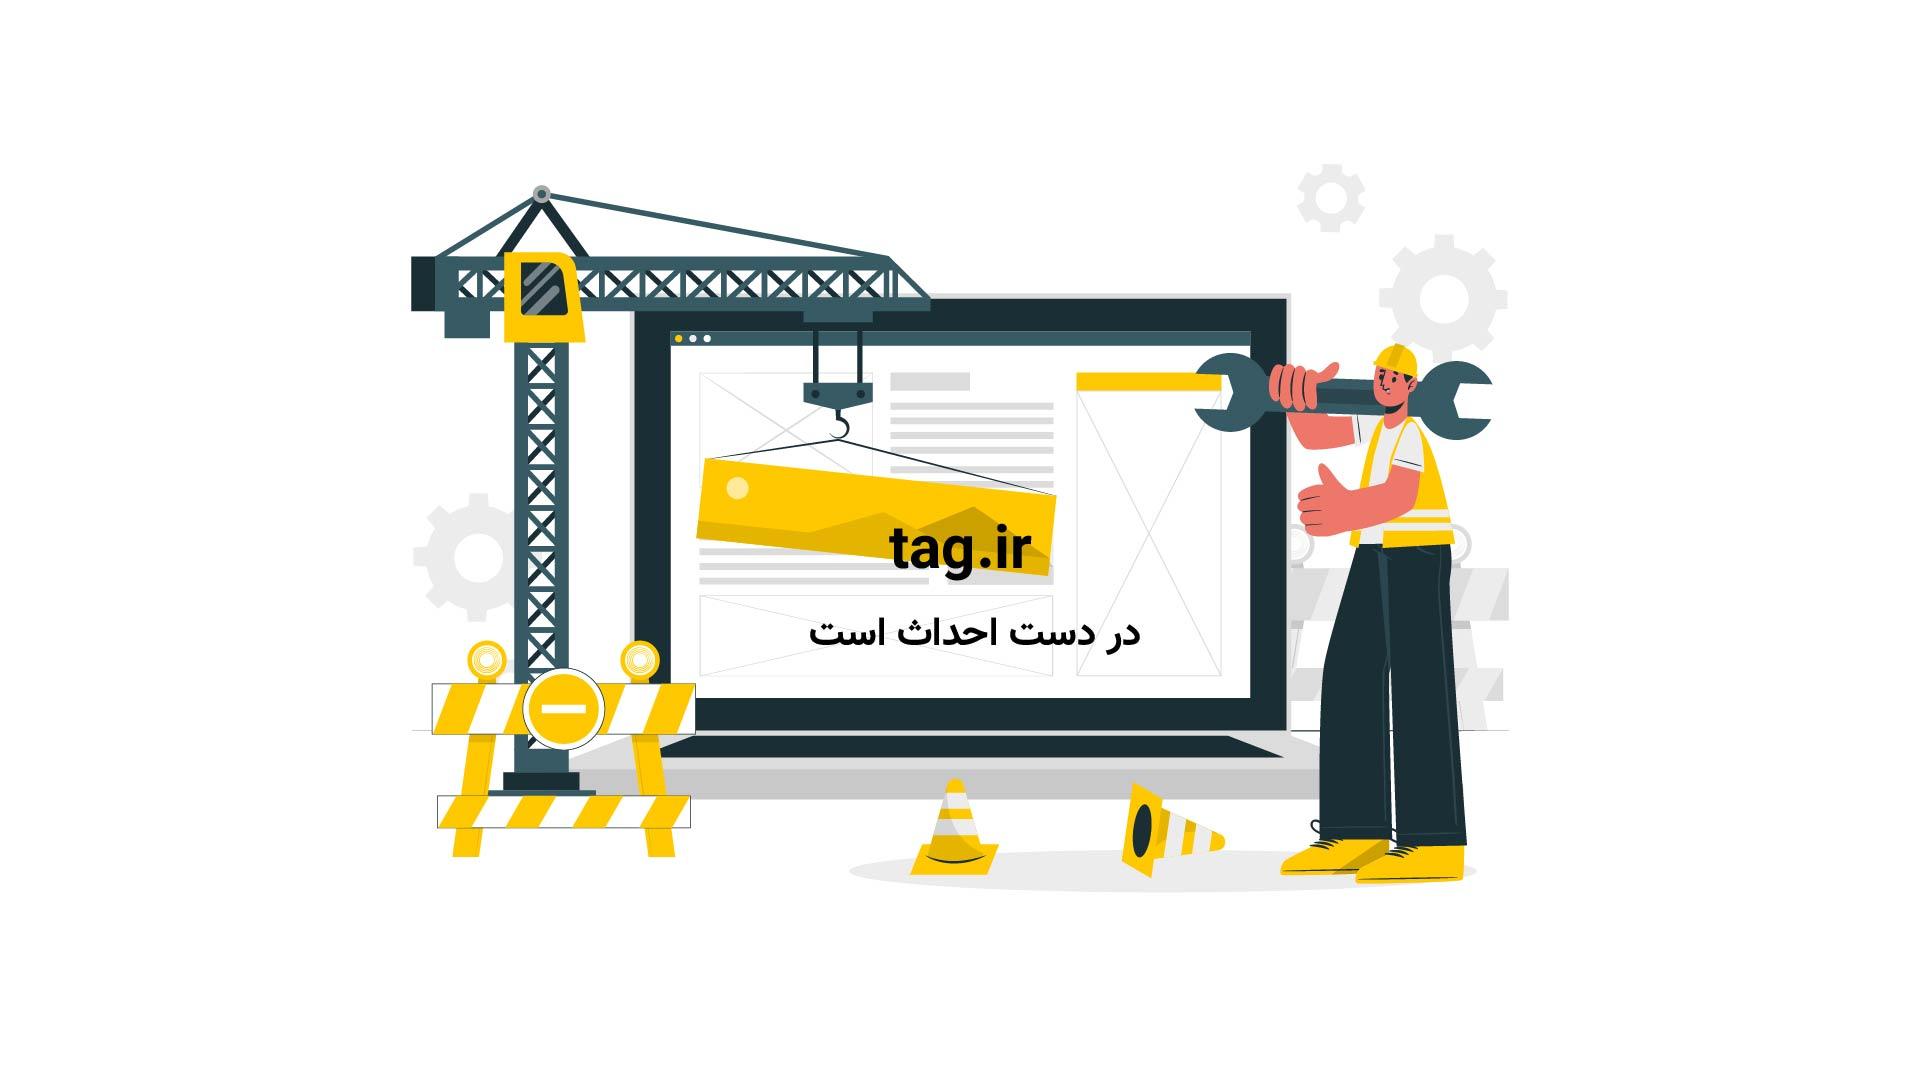 سخنرانی های تد؛ چگونه گروهها تصمیمات مناسبی اتخاذ میکنند | فیلم